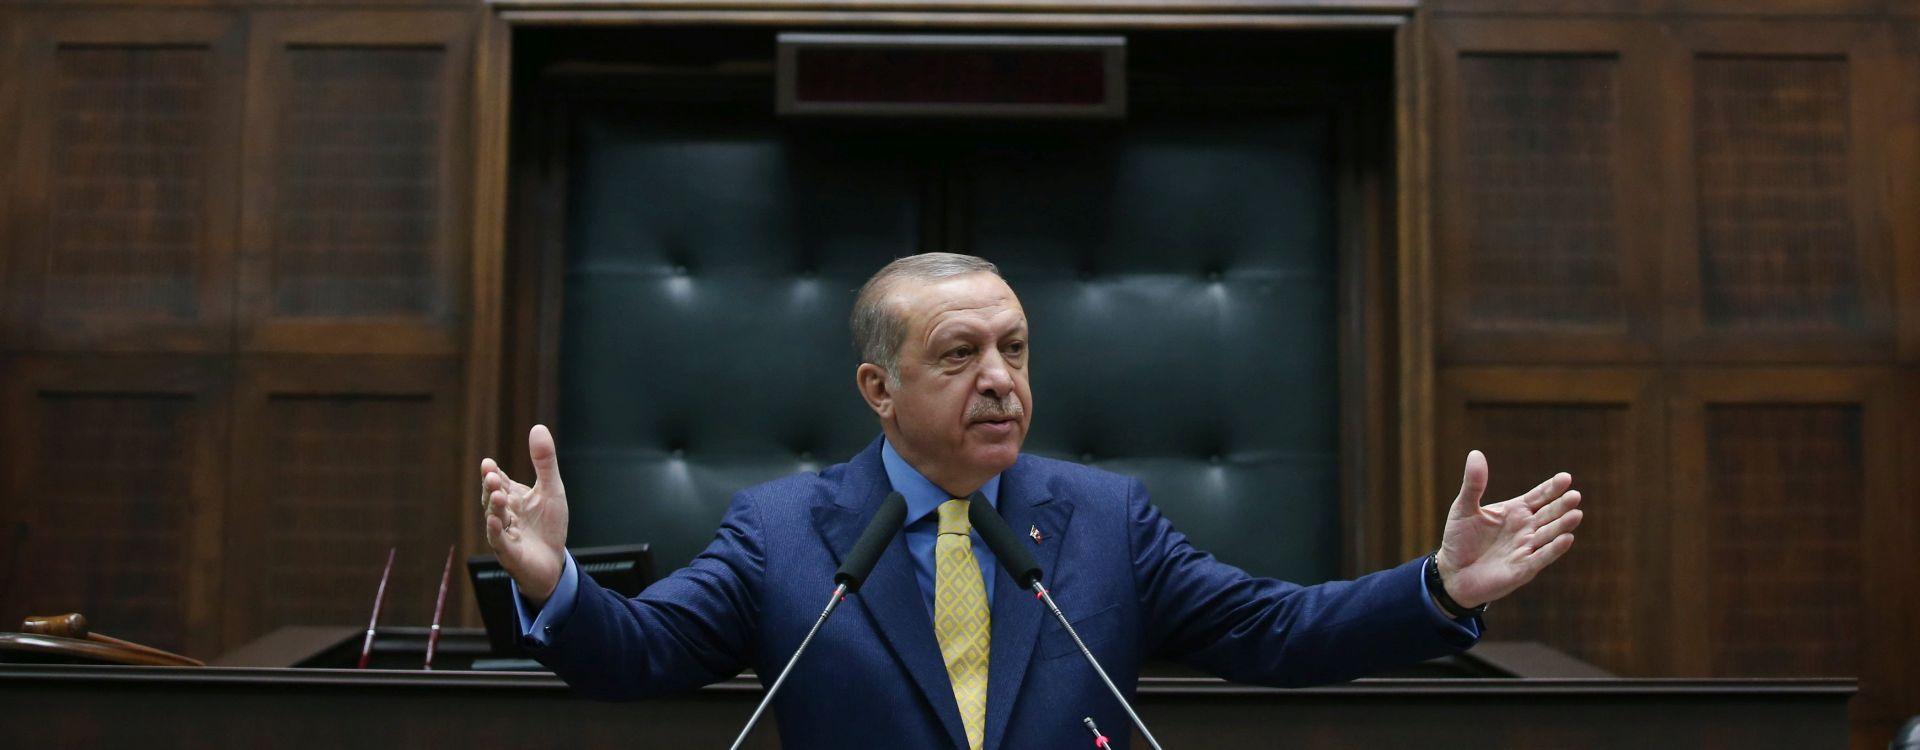 Erdogan sa saudijskim čelnicima dogovorio smanjenje napetosti oko Katara